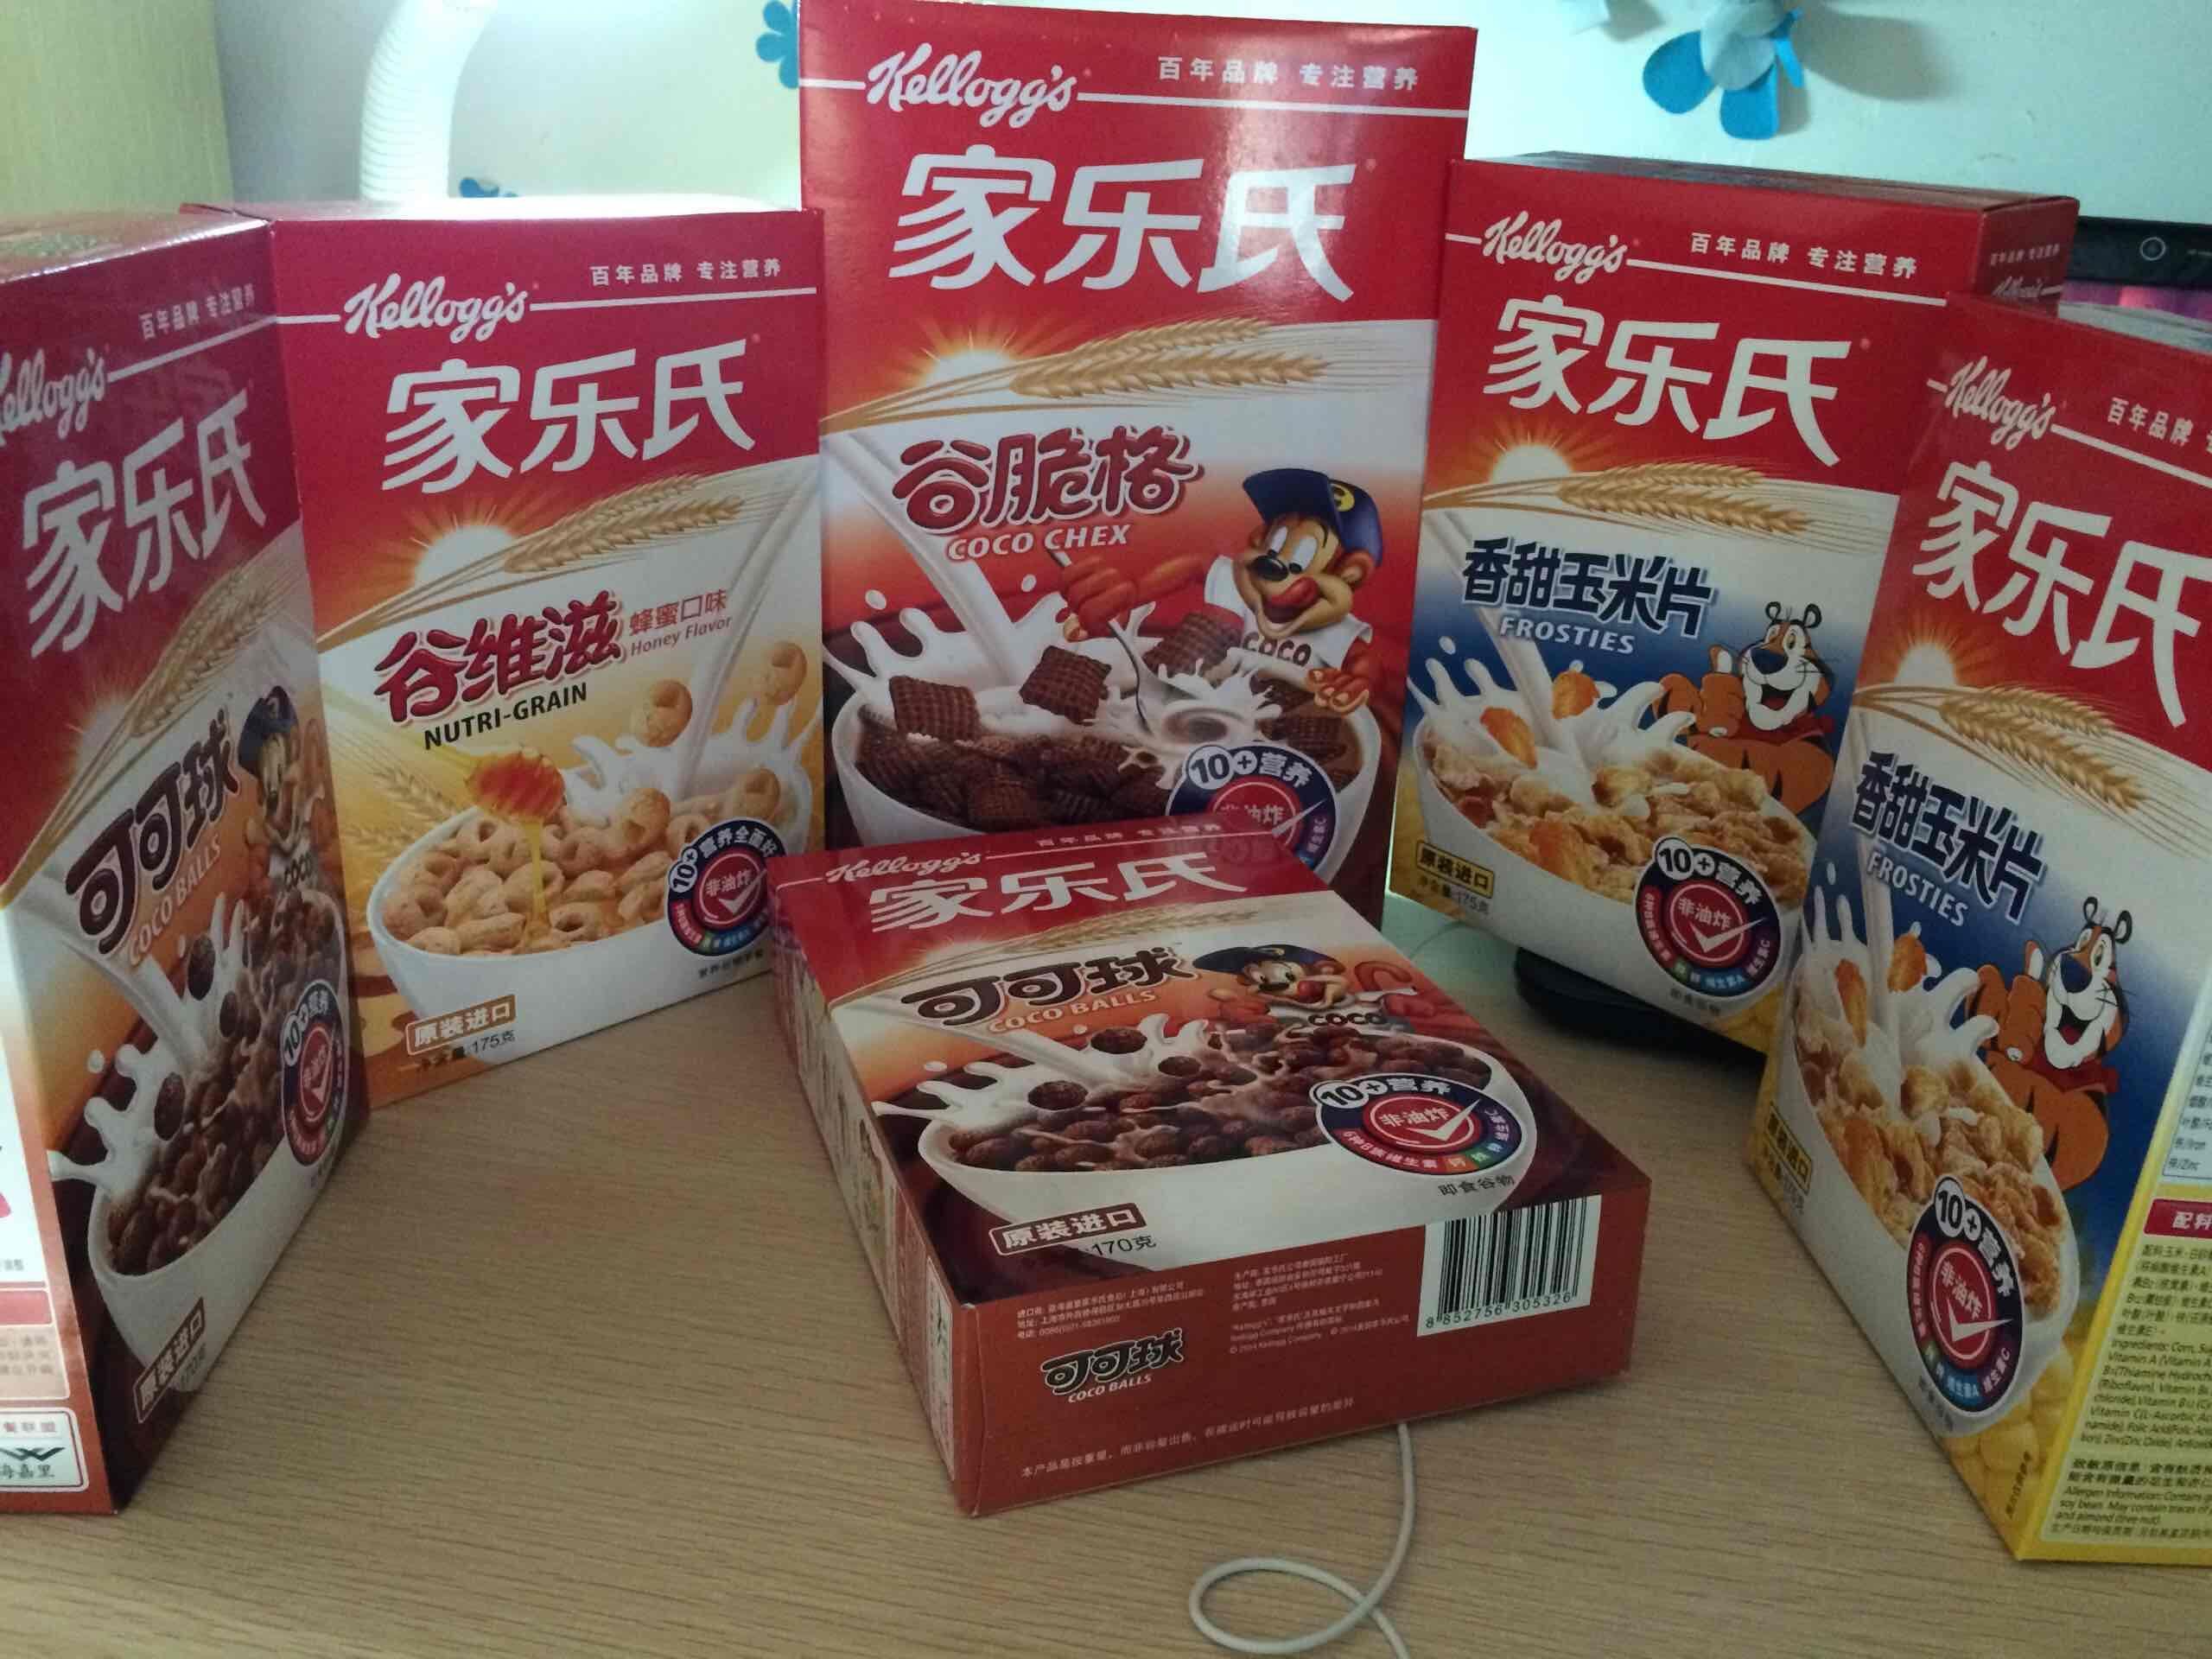 泰国进口 Kellogg's 家乐氏 可可球玉米片 营养早餐 330g